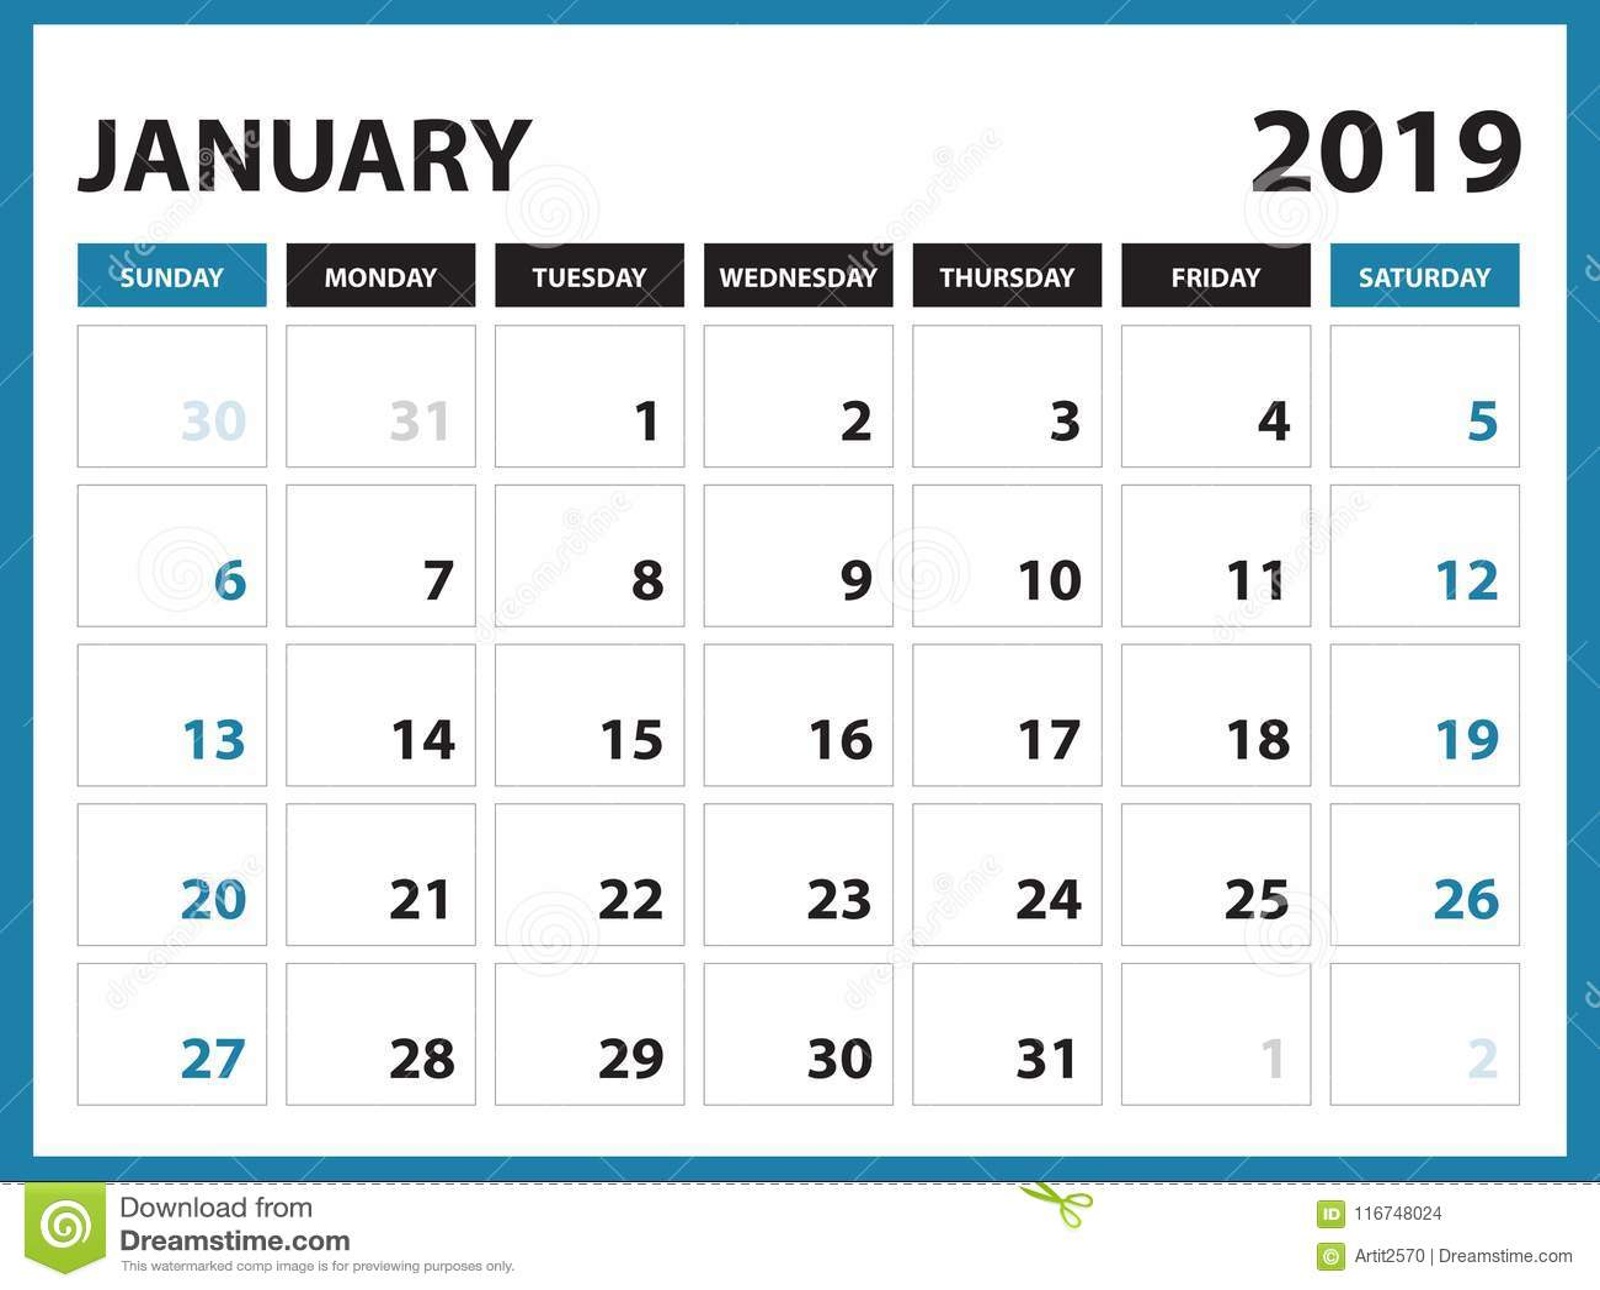 Desk Calendar For January 2019 Template Printable Calendar Planner